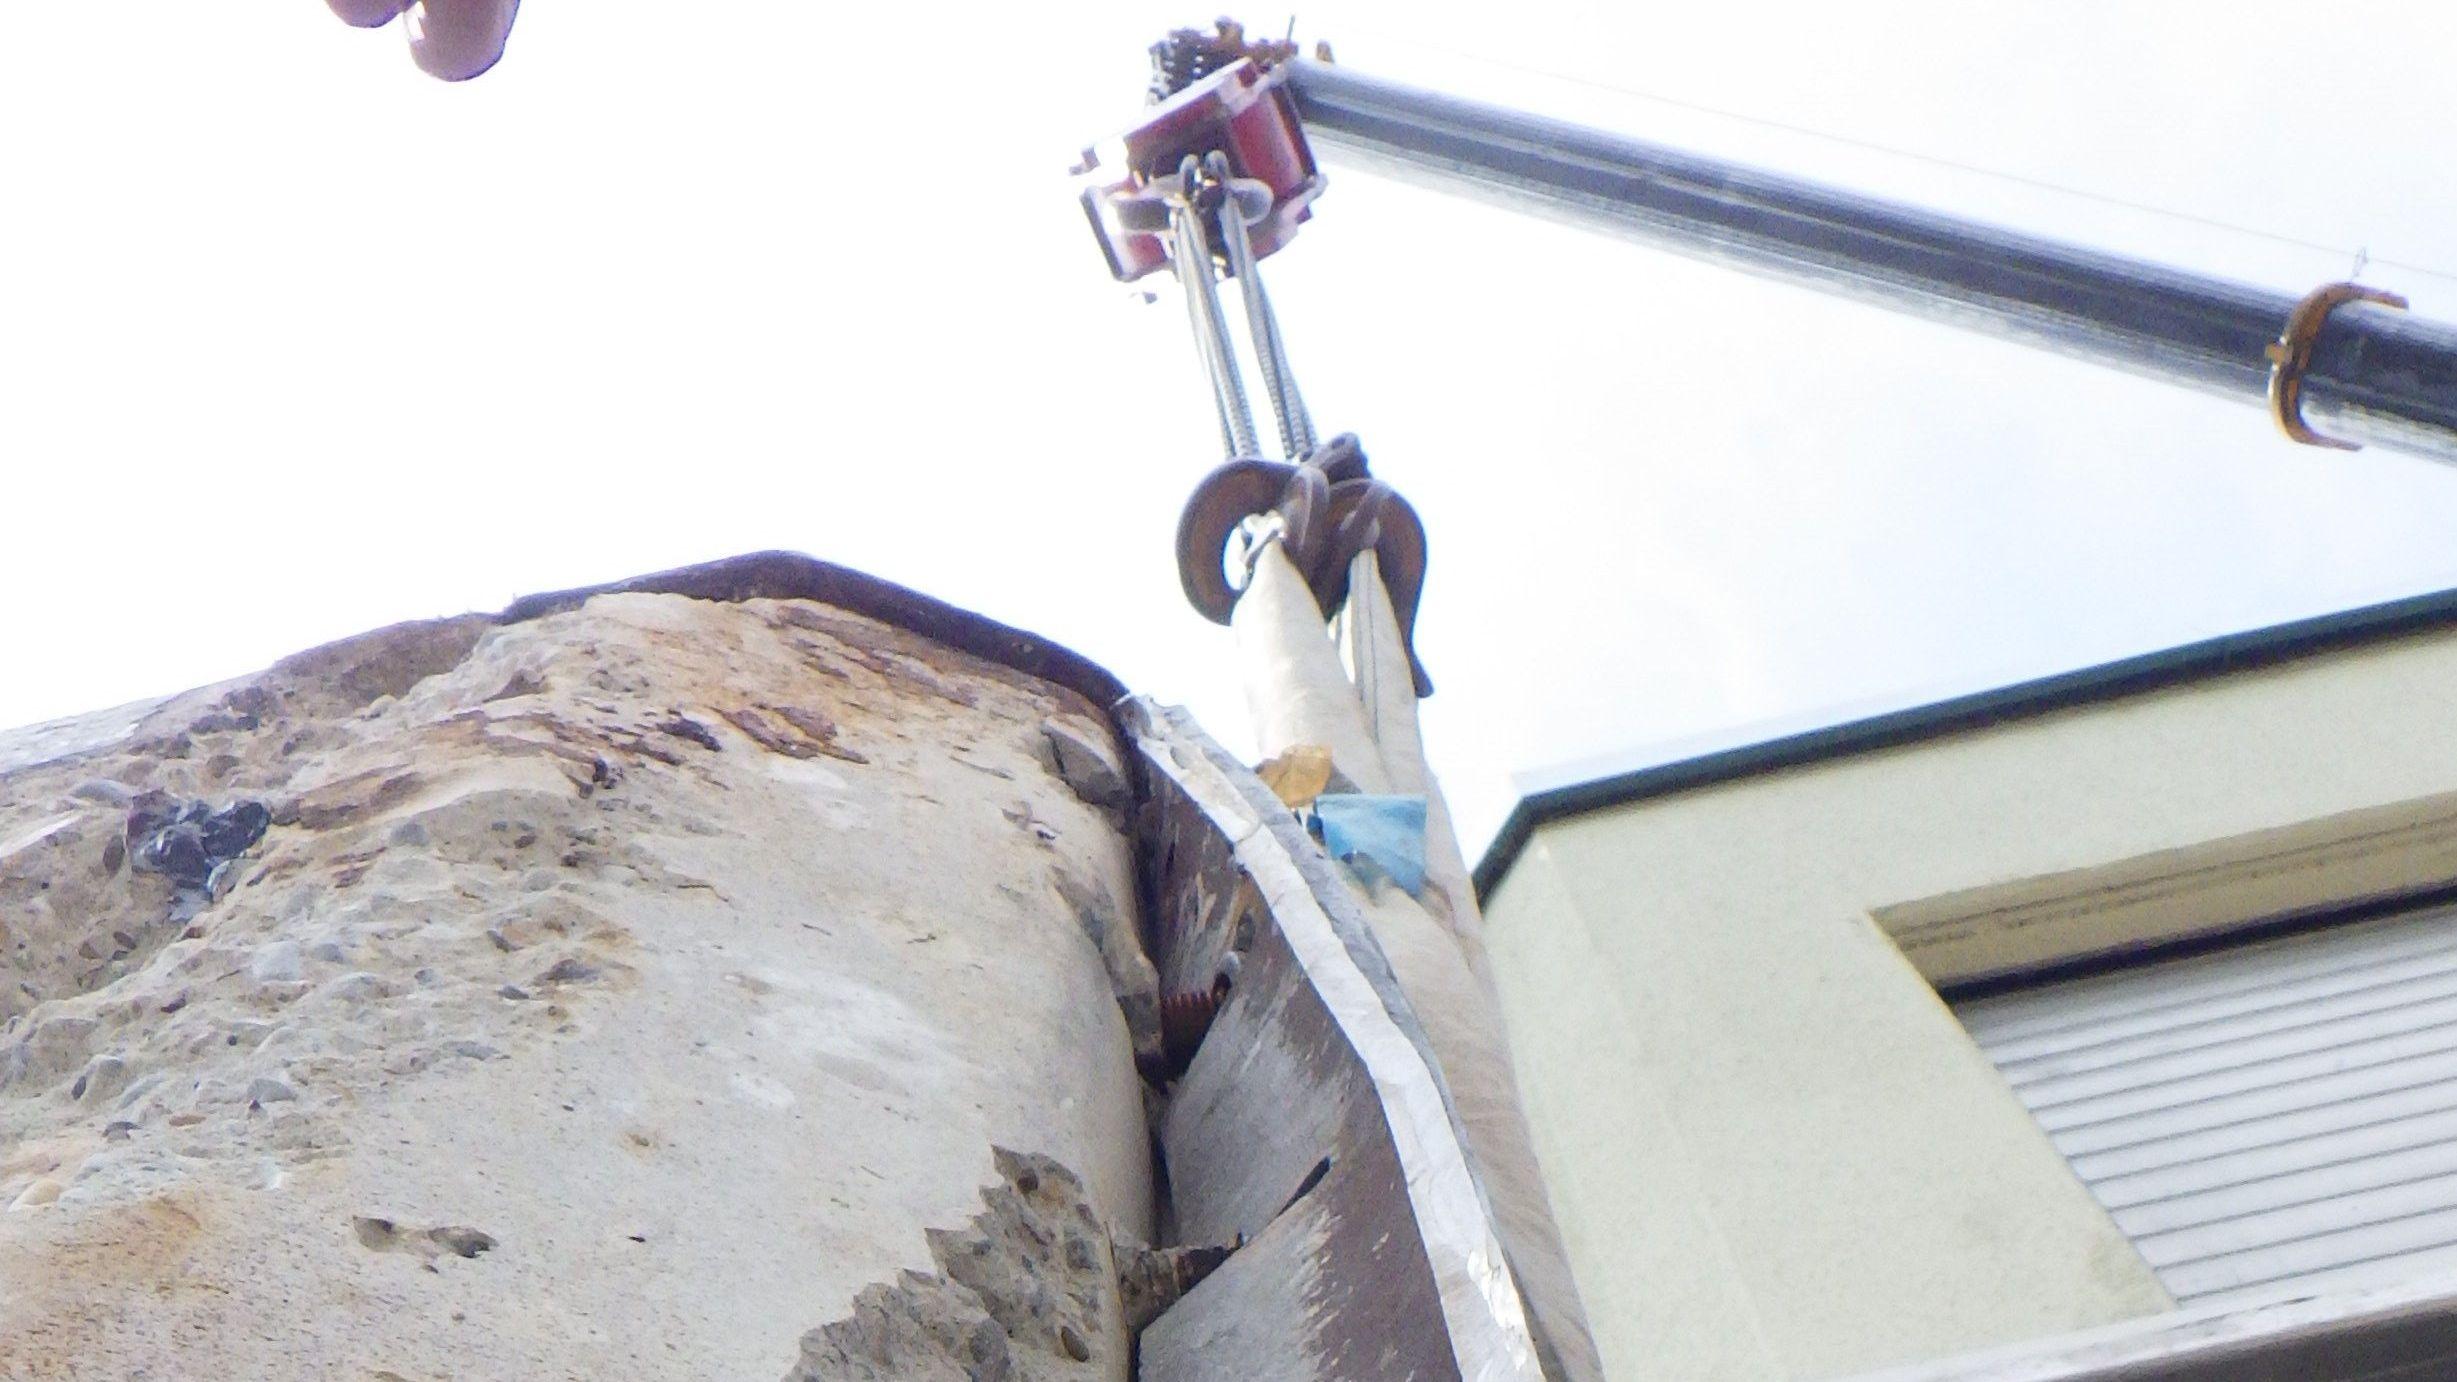 Das verbogene Metallteil am oberen Tor der Riedenburger Schleuse wird herausgezogen